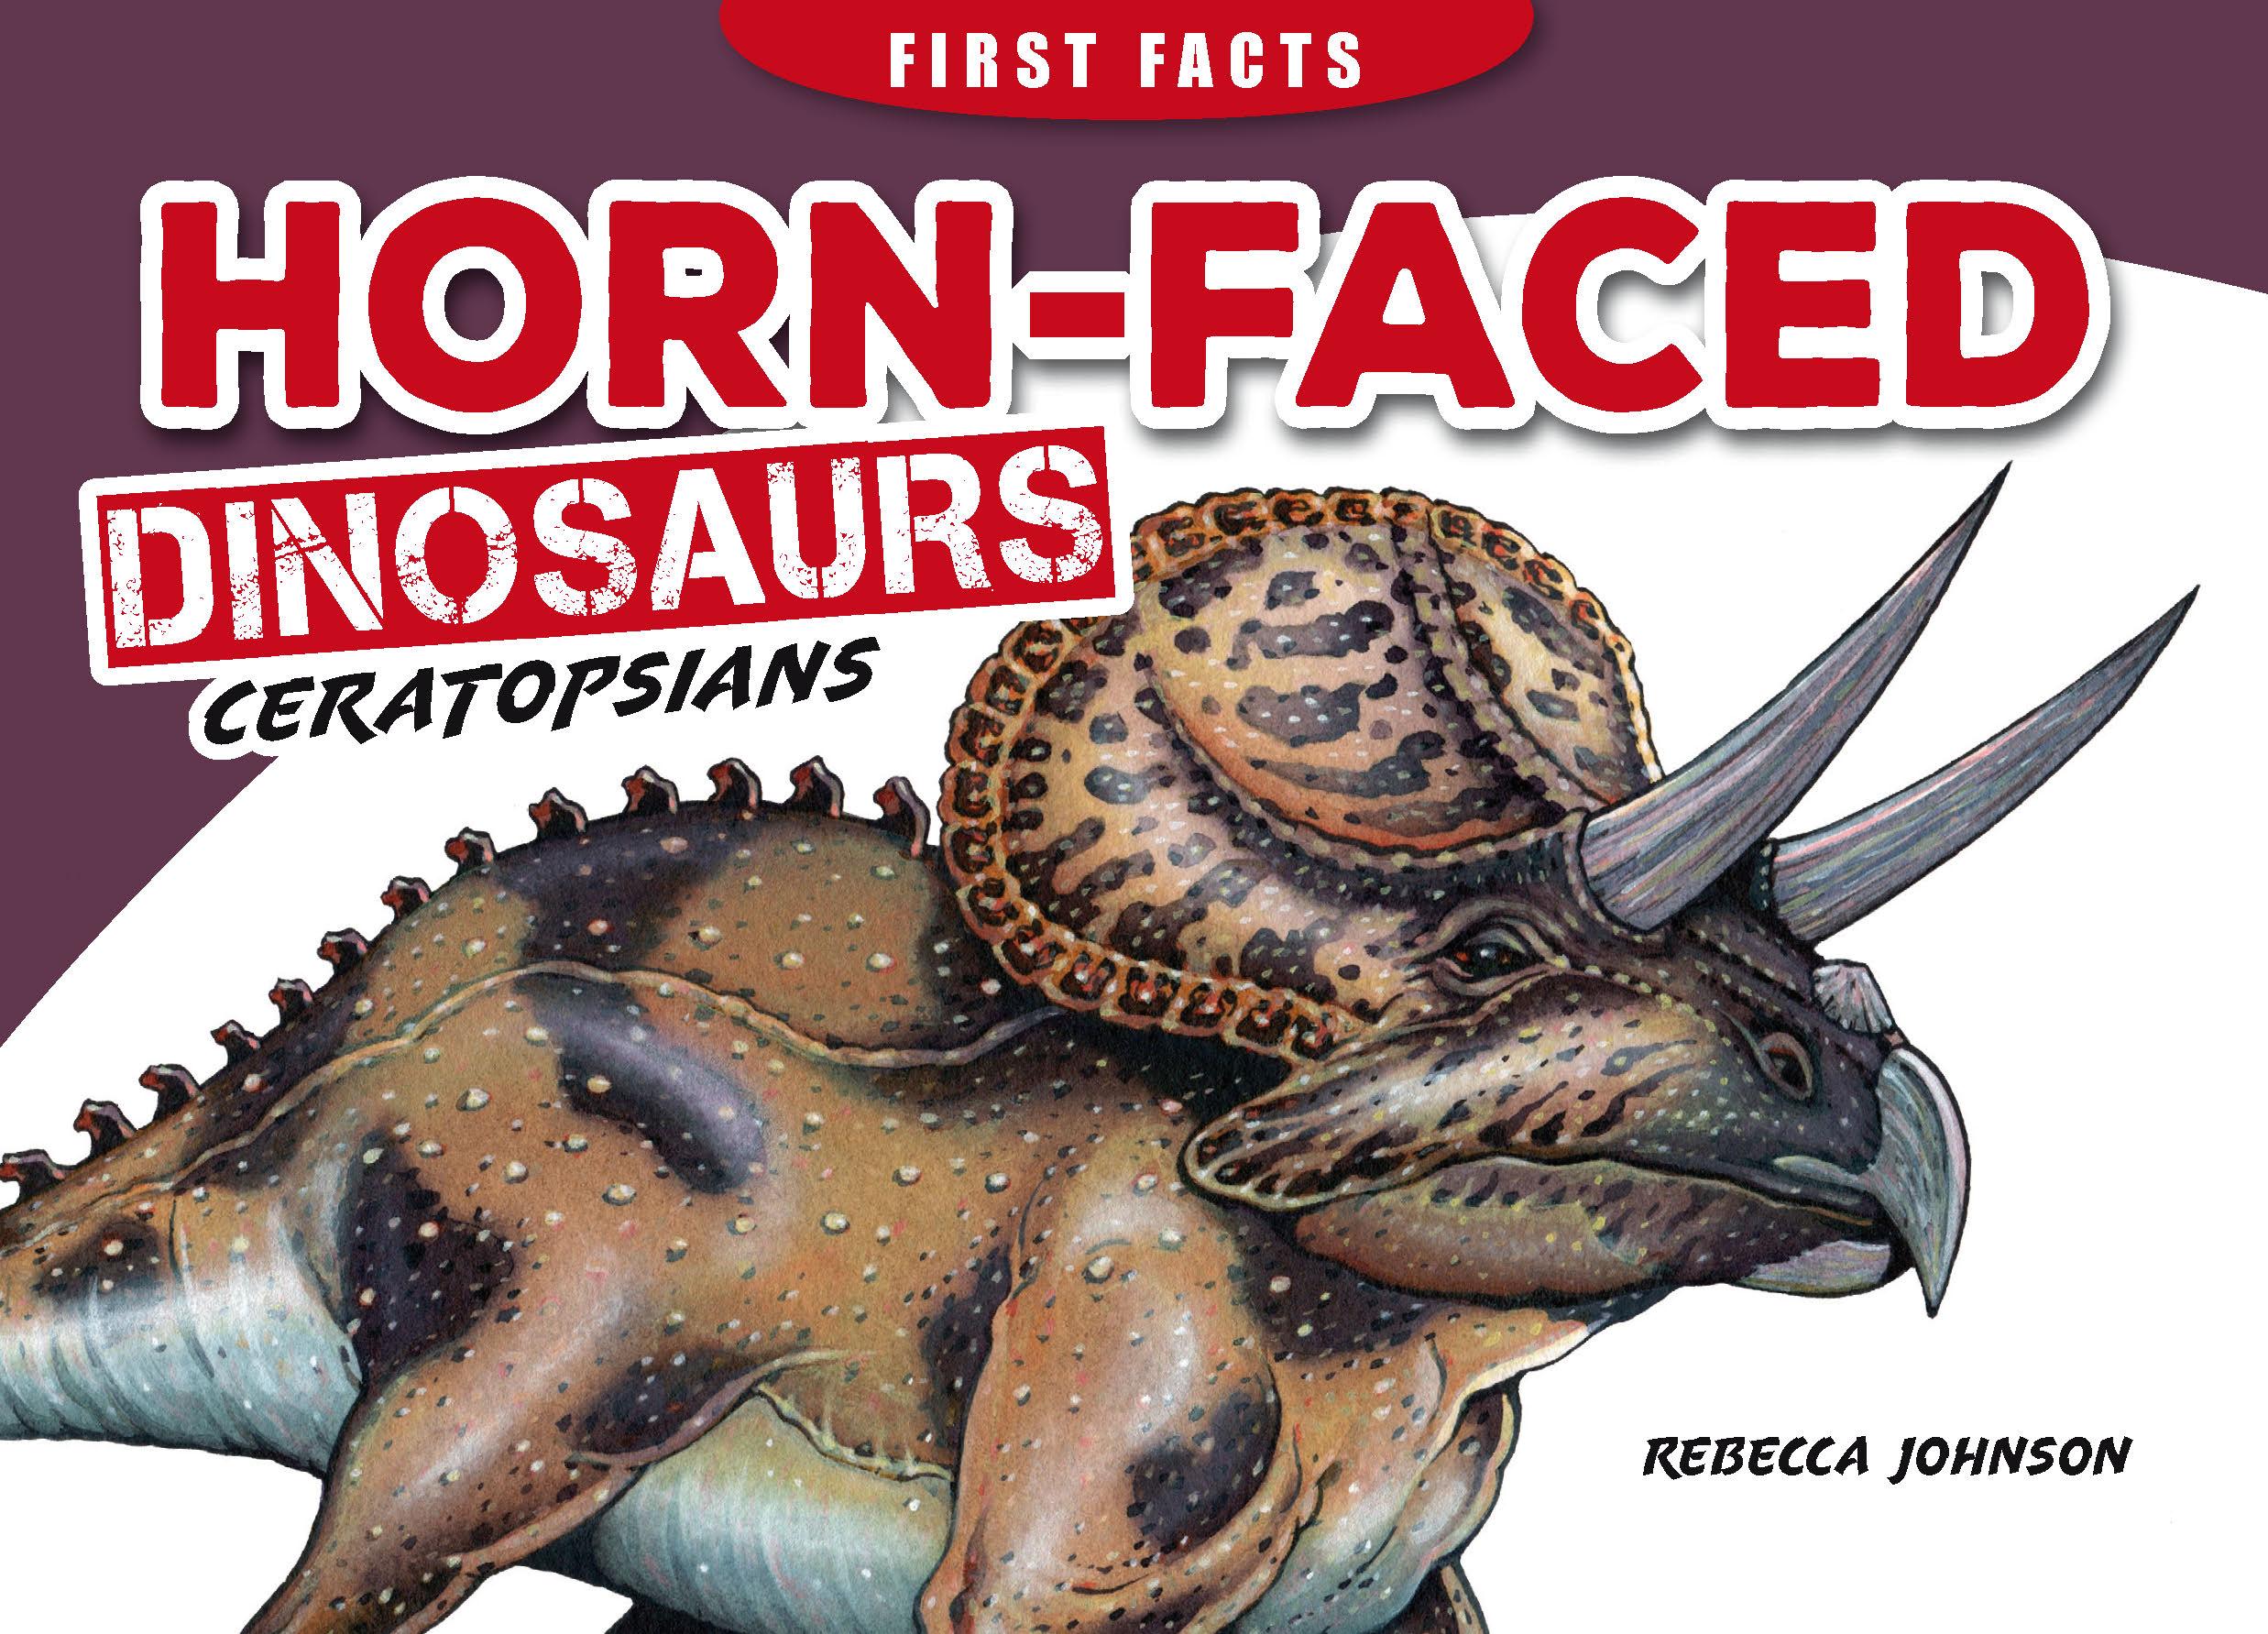 Steve Parish First Facts Dinosaurs: Horn-faced dinosaurs - Ceratopsians